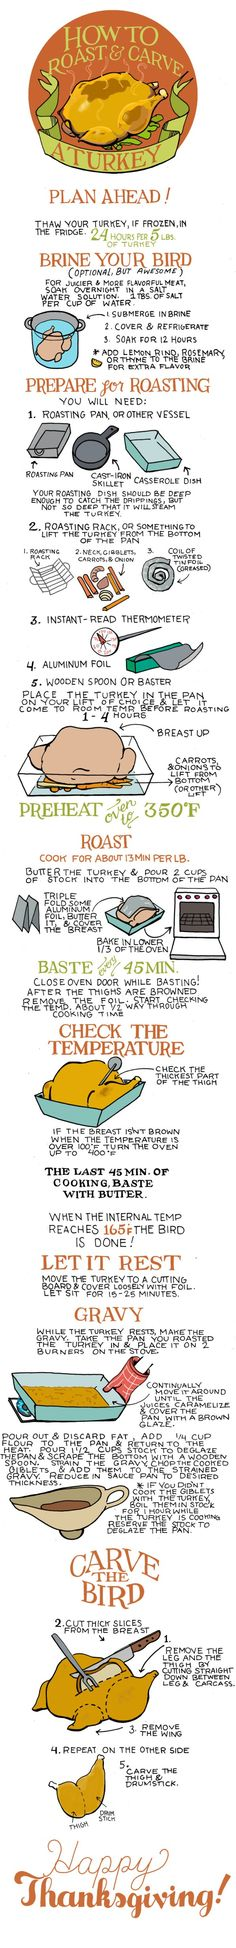 Illustrated Bites Turkey